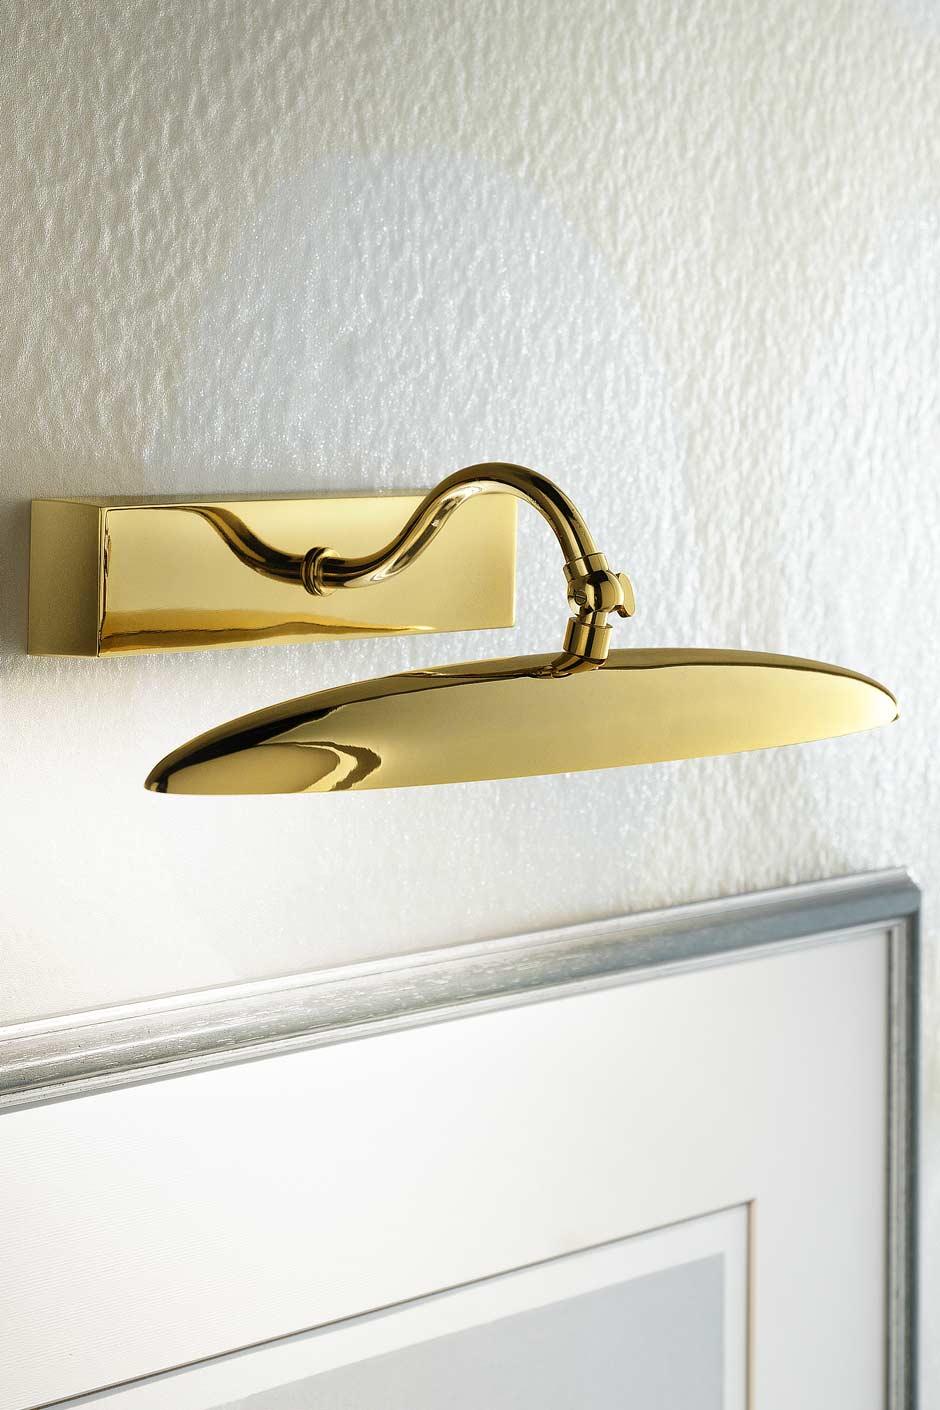 Grande applique pour tableau LED elliptique dorée polie. Masiero.